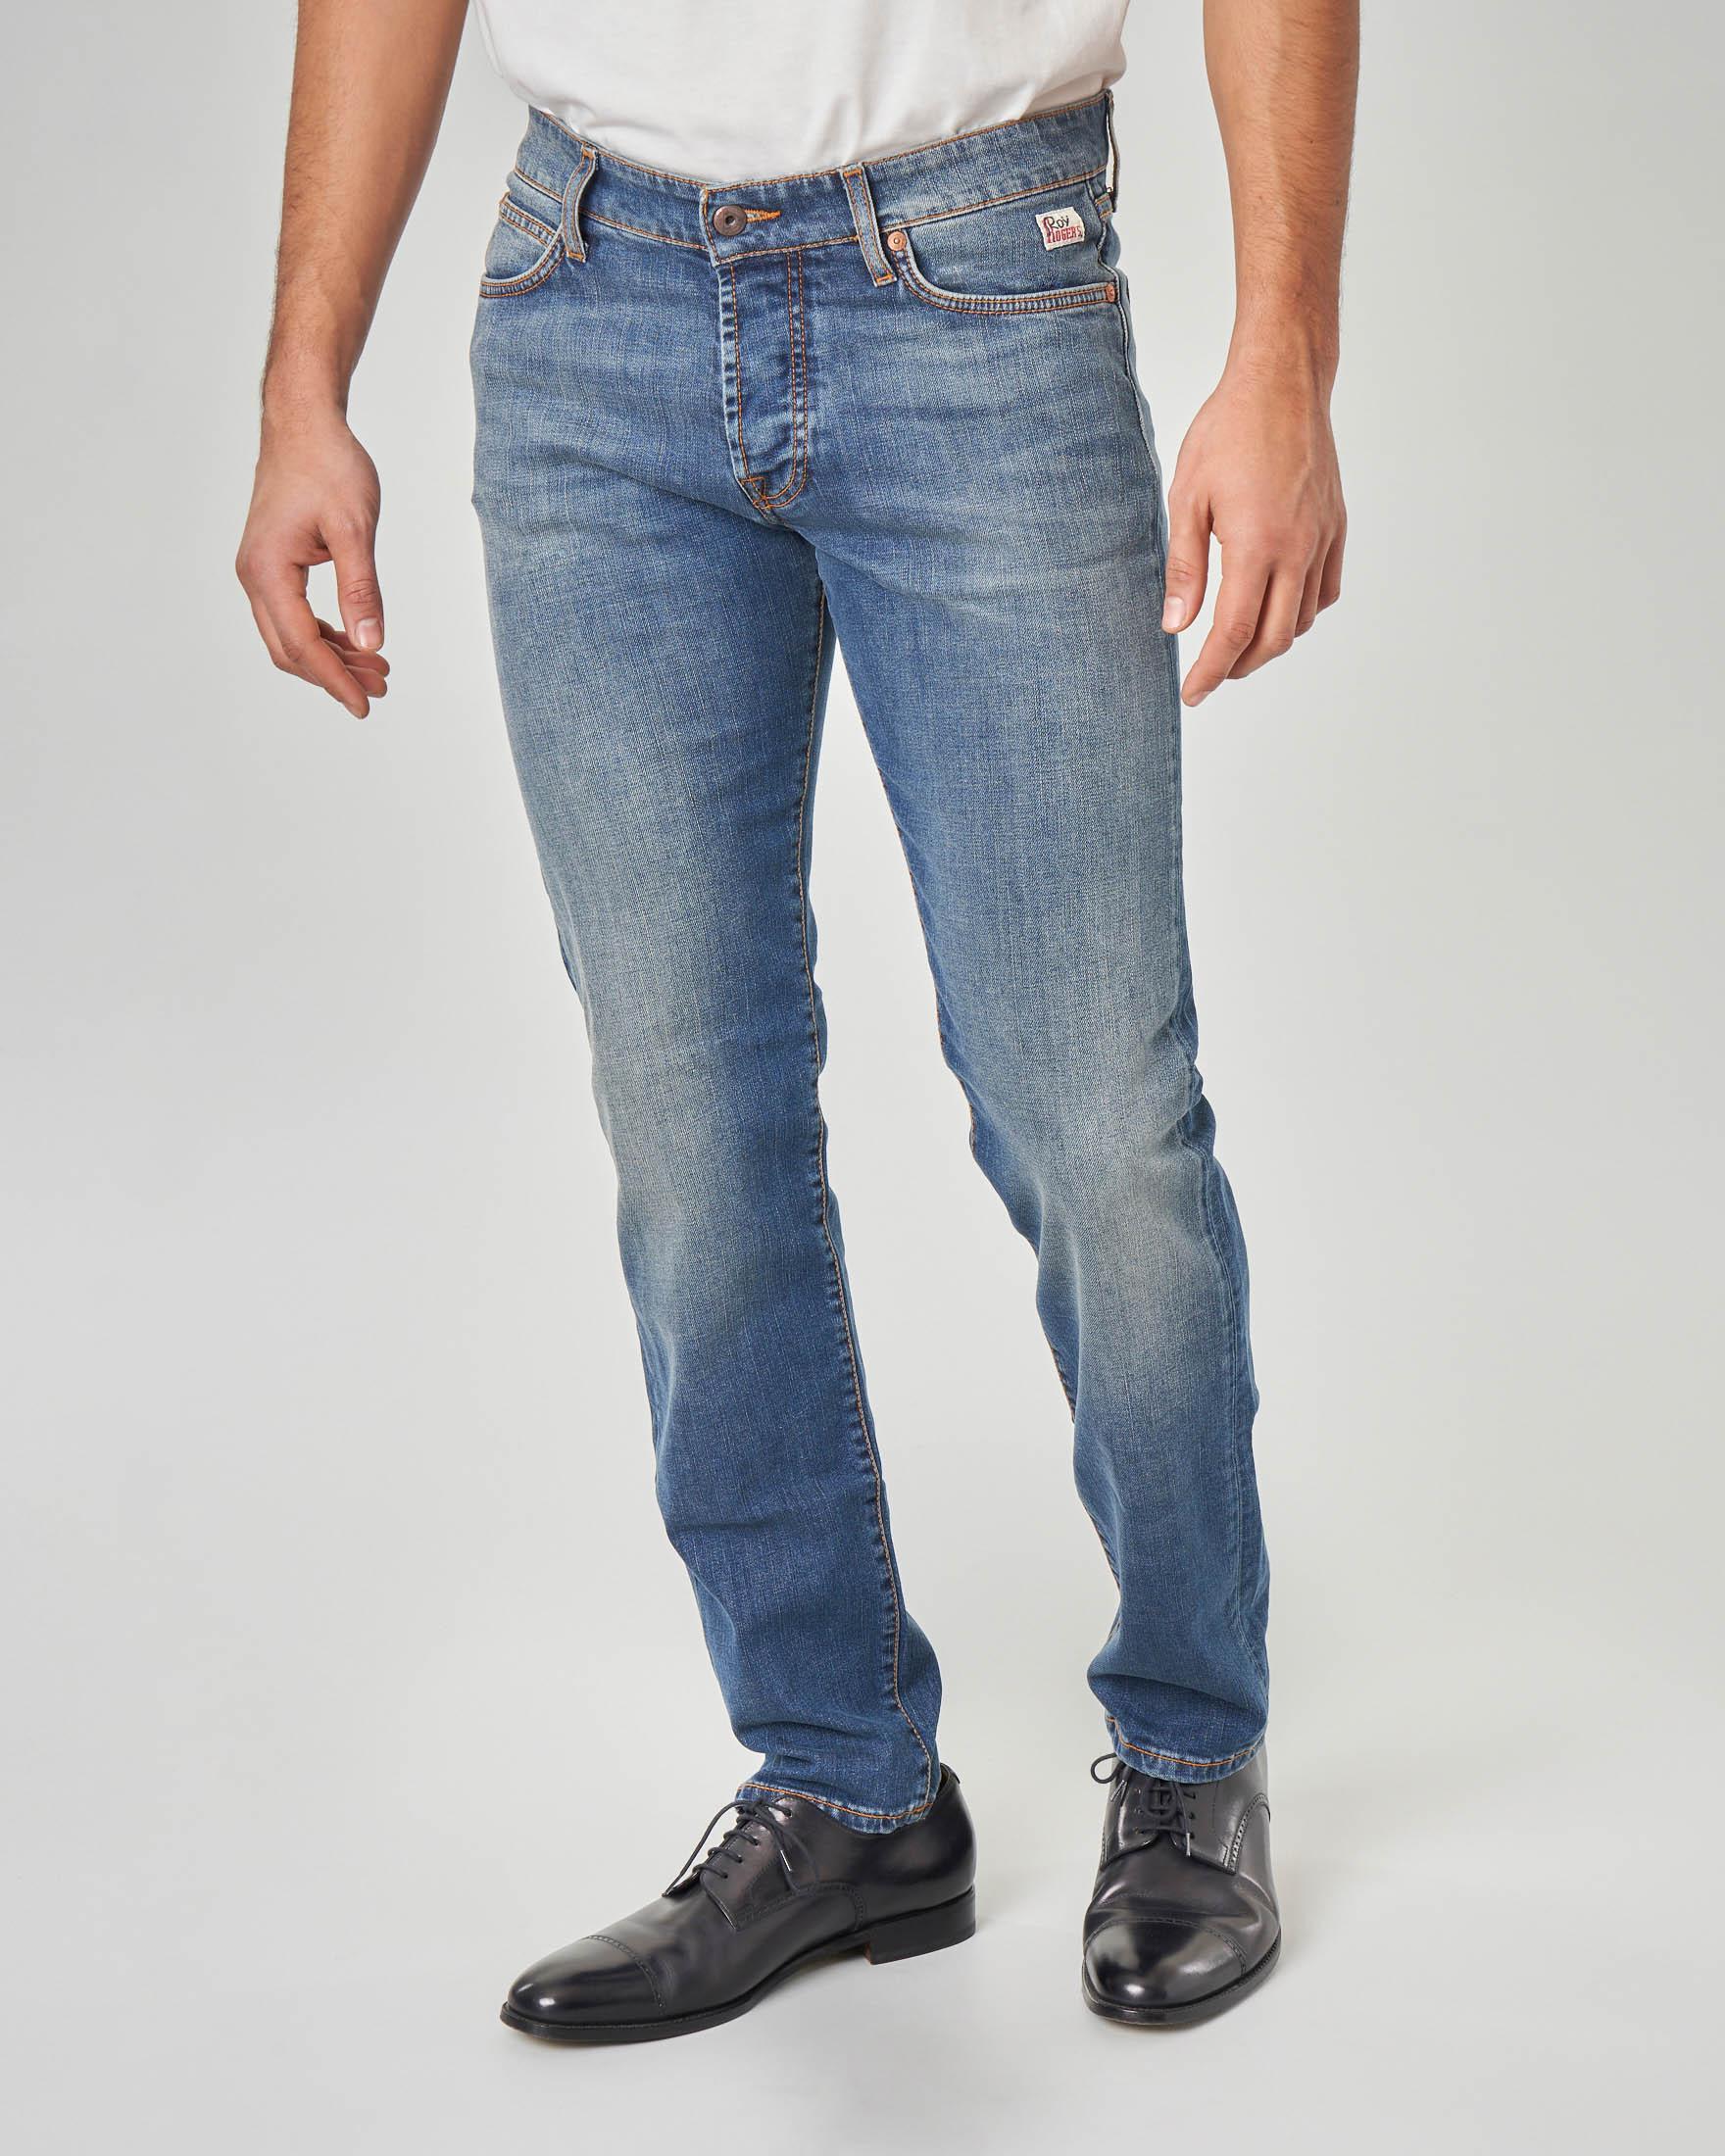 Jeans 529 lavaggio stone wash con sabbiature